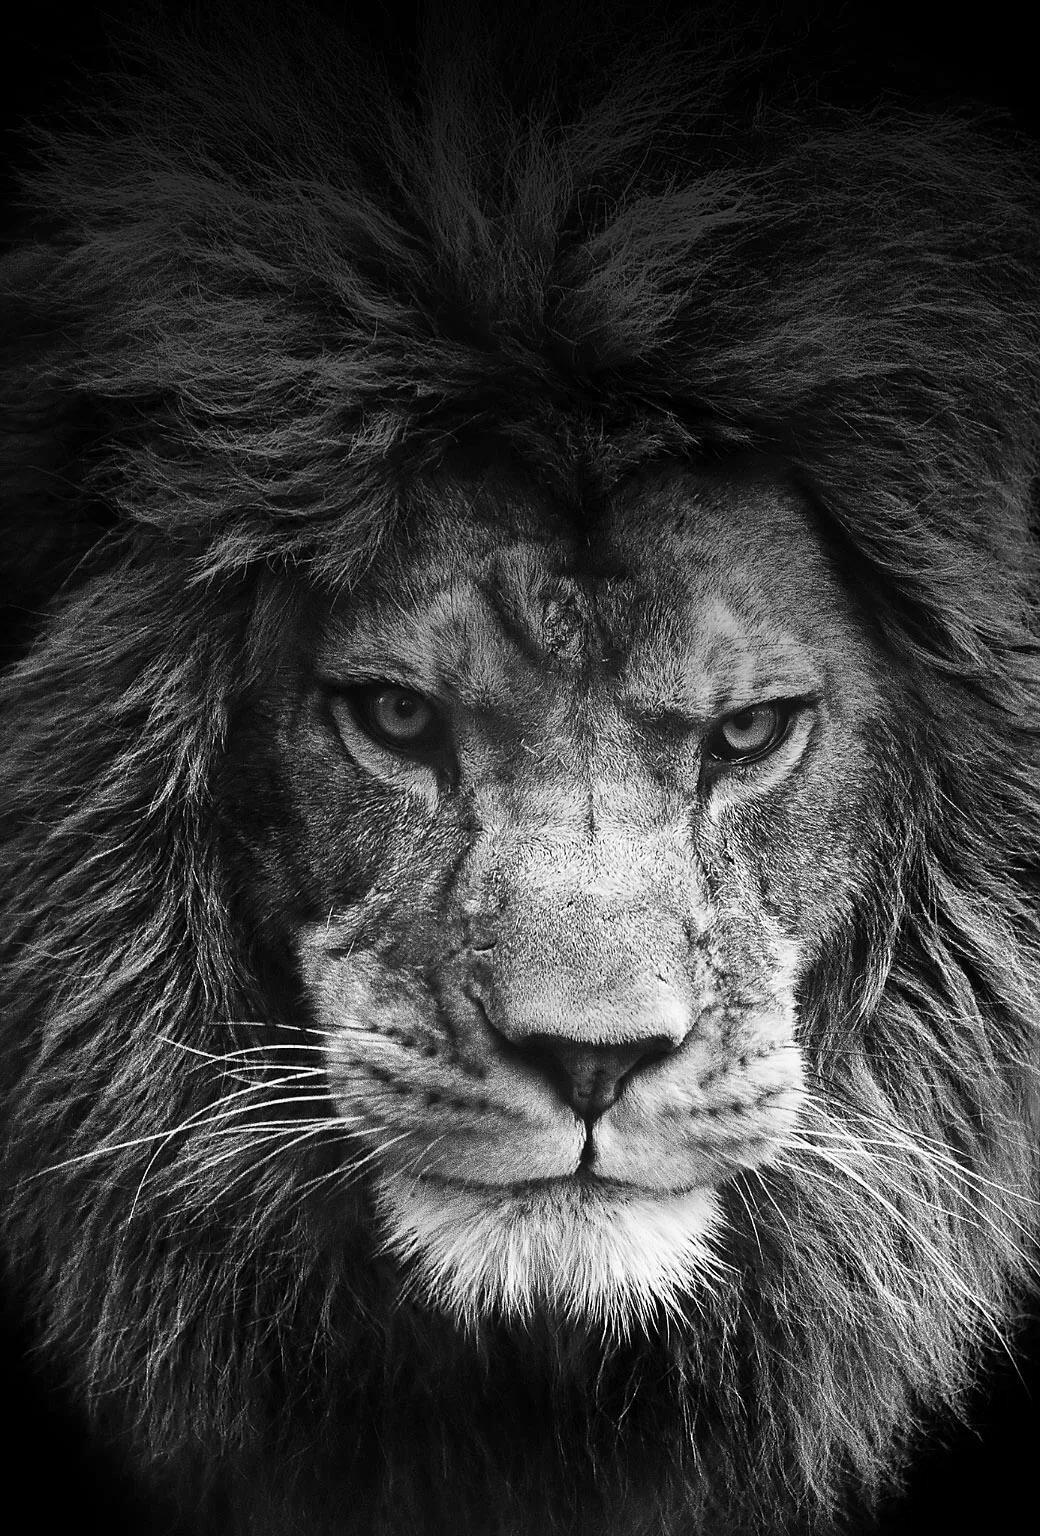 Прикольные картинки львов на аватарку